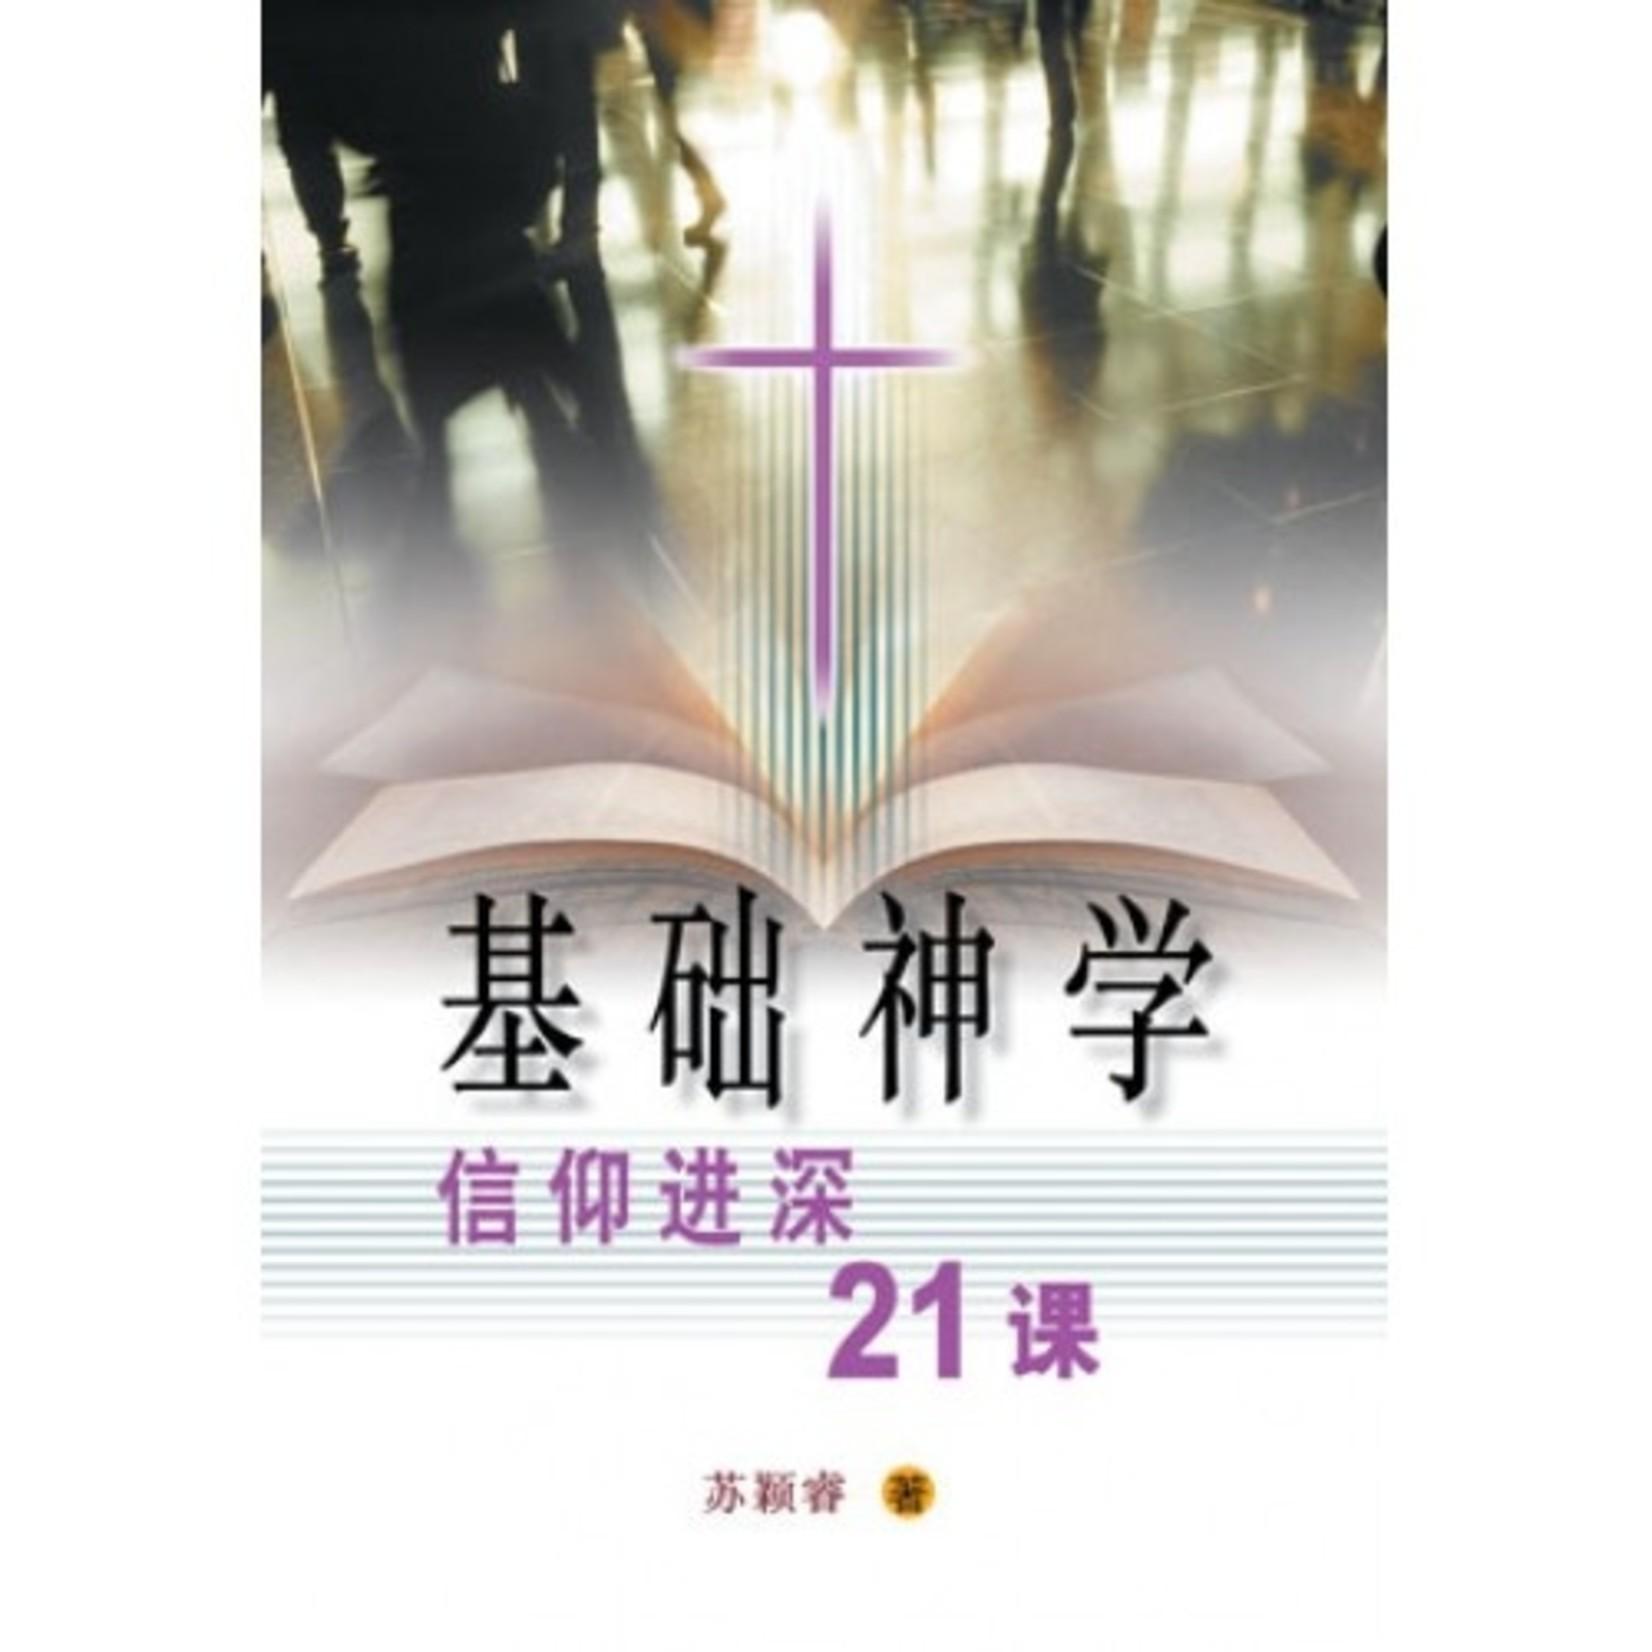 宣道 China Alliance Press 基礎神學:信仰進深21課(簡體)